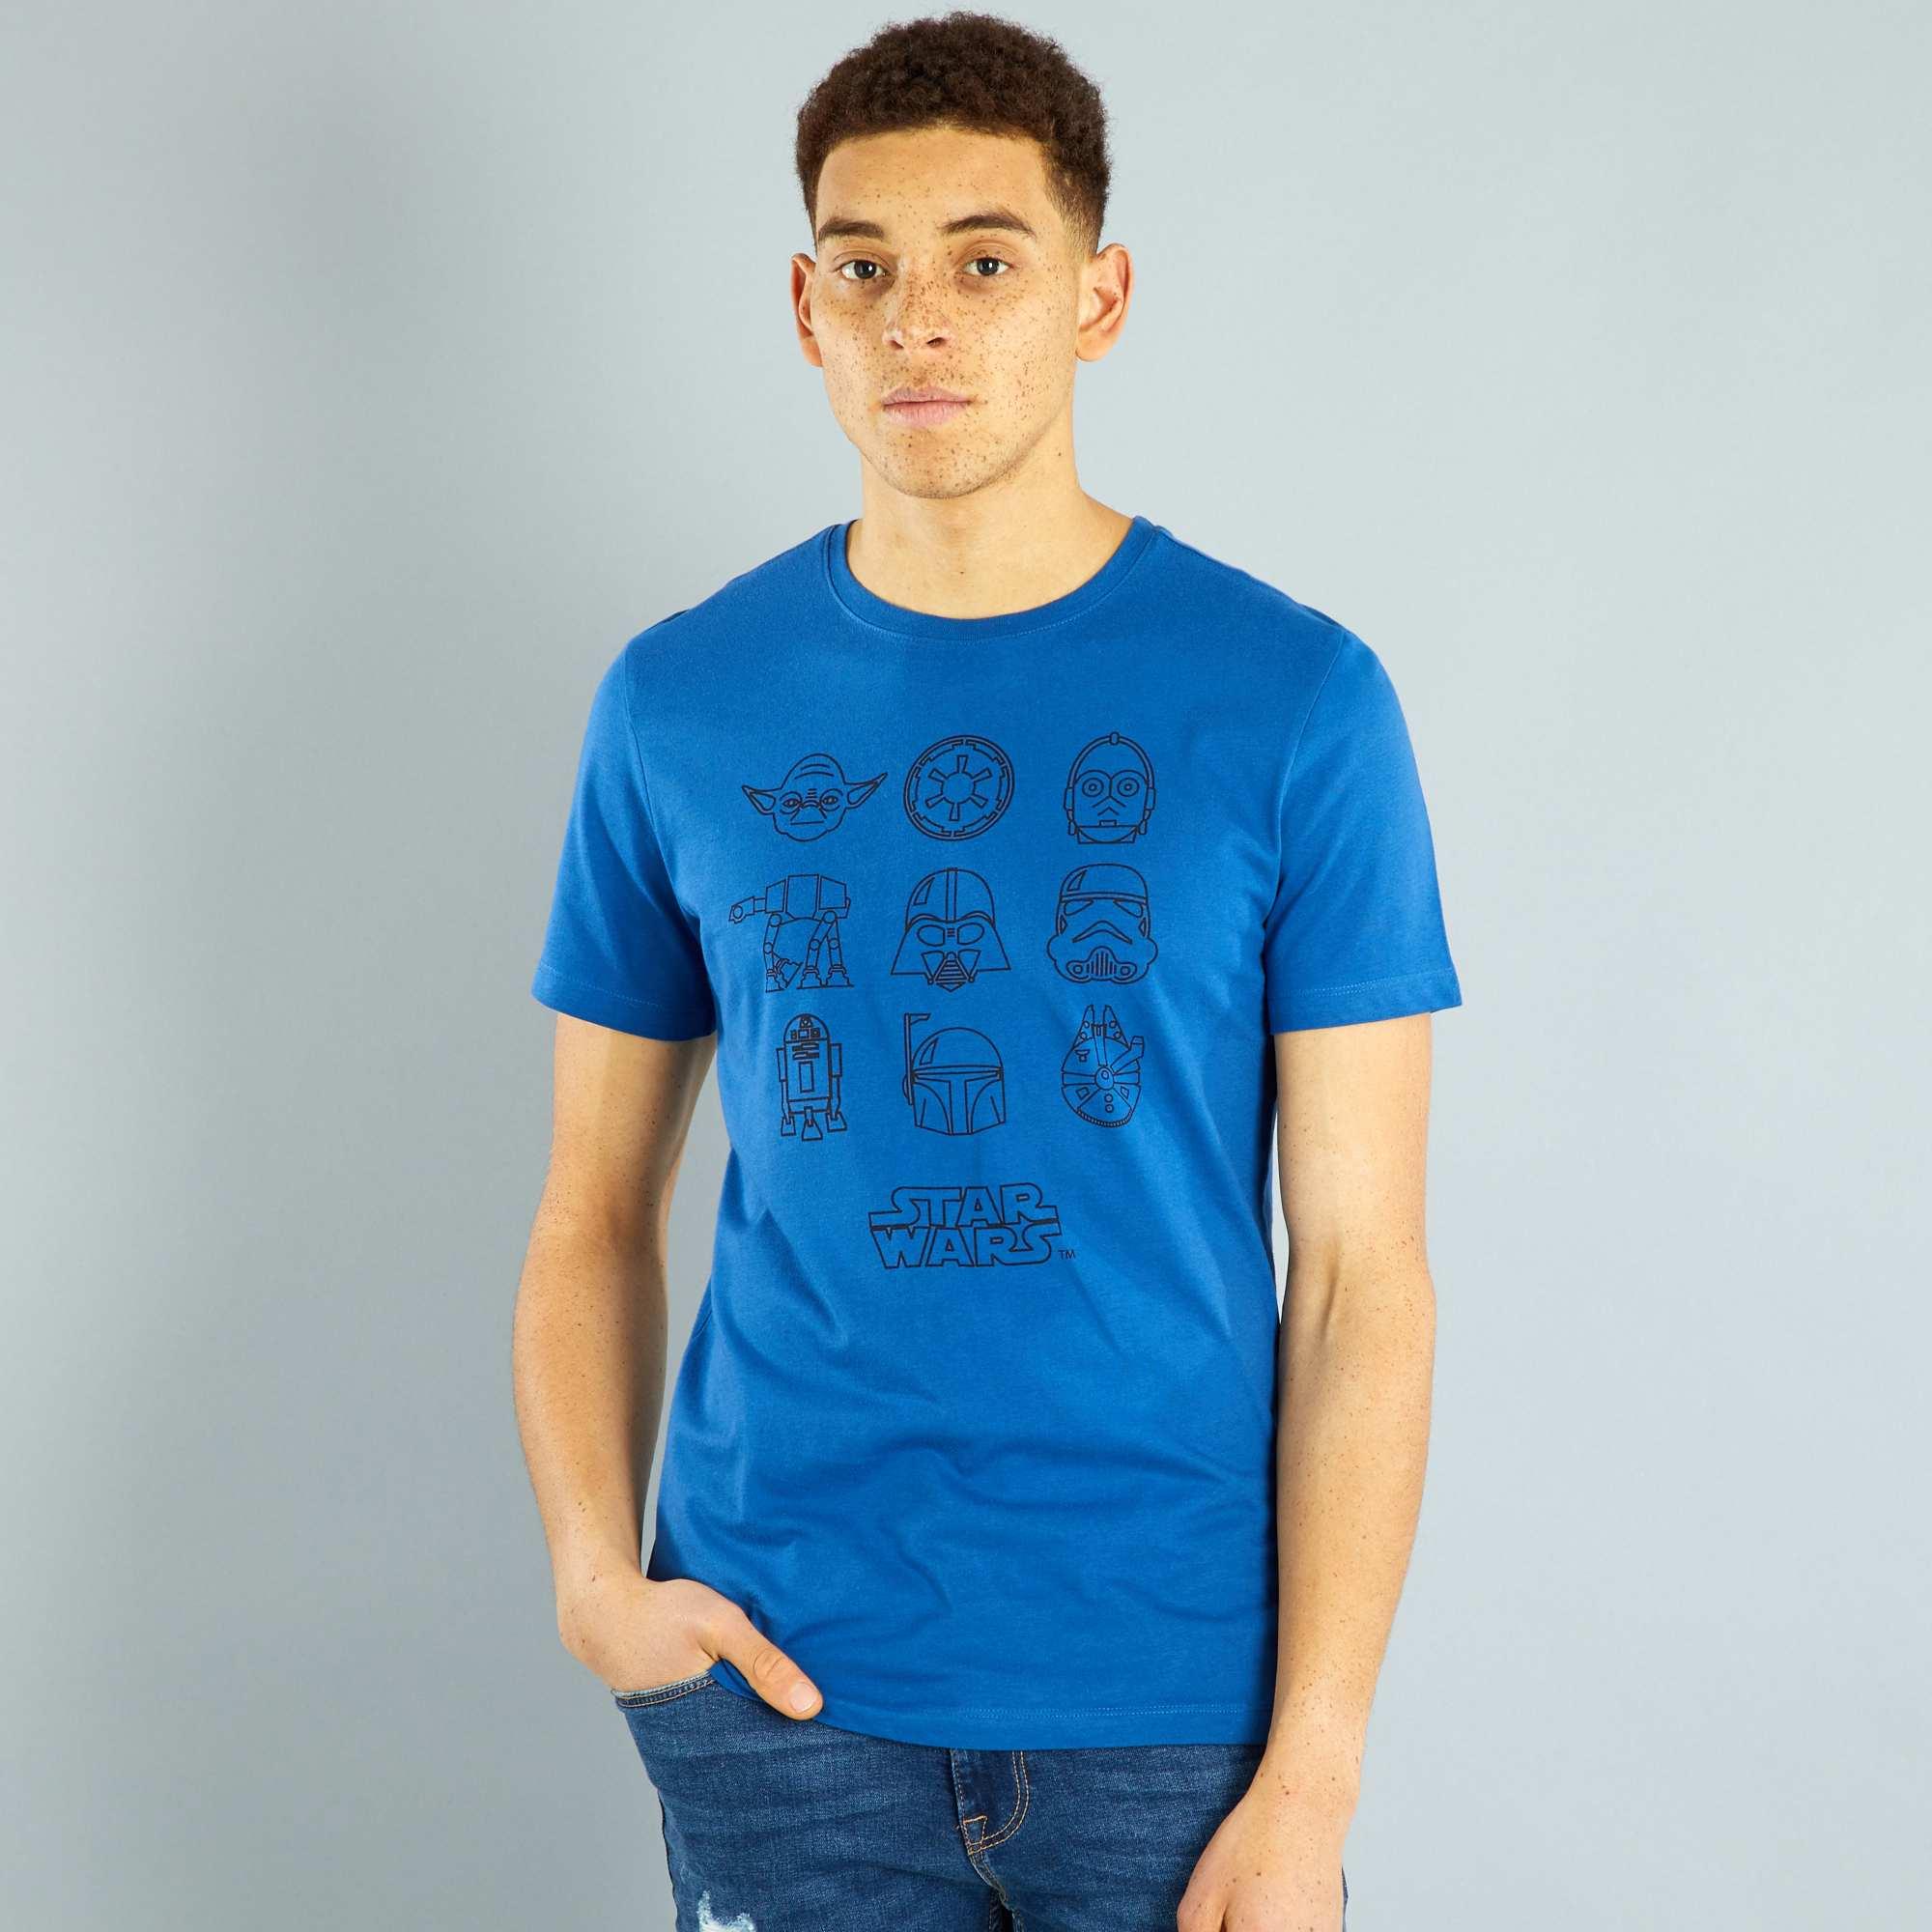 Couleur : bleu, , ,, - Taille : L, S, M,,Graphisme minimaliste tendance pour l'imprimé de ce tee-shirt 'Star Wars'. -